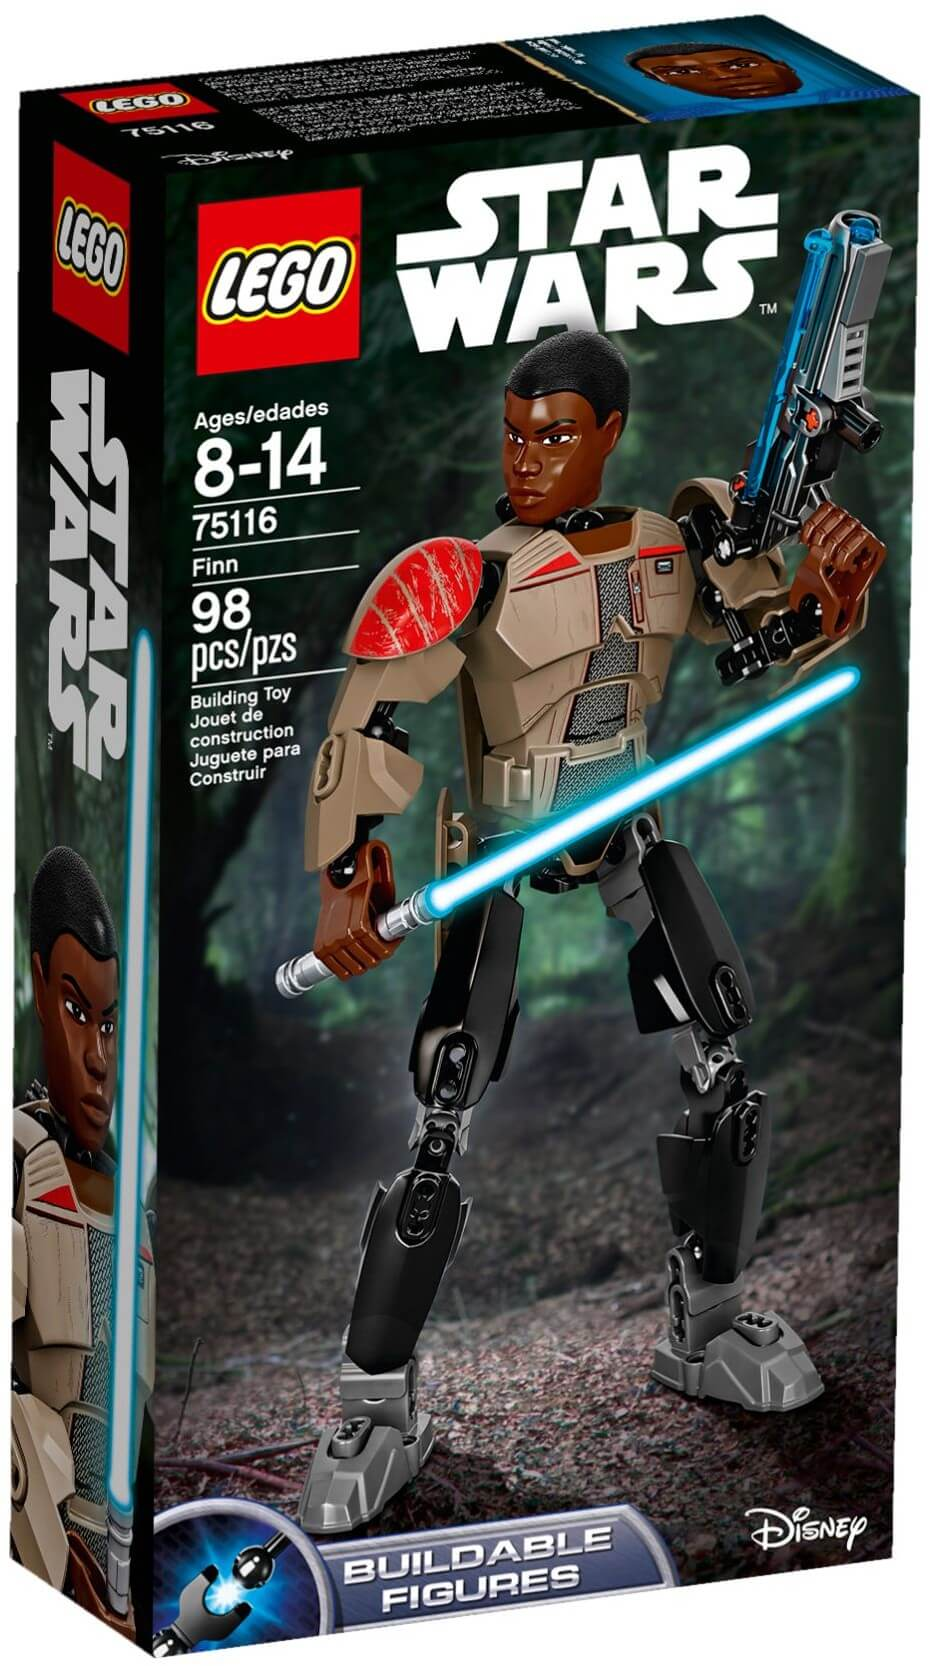 Mua đồ chơi LEGO 75116 - LEGO Star Wars 75116 - Finn (LEGO Star Wars Finn 75116)